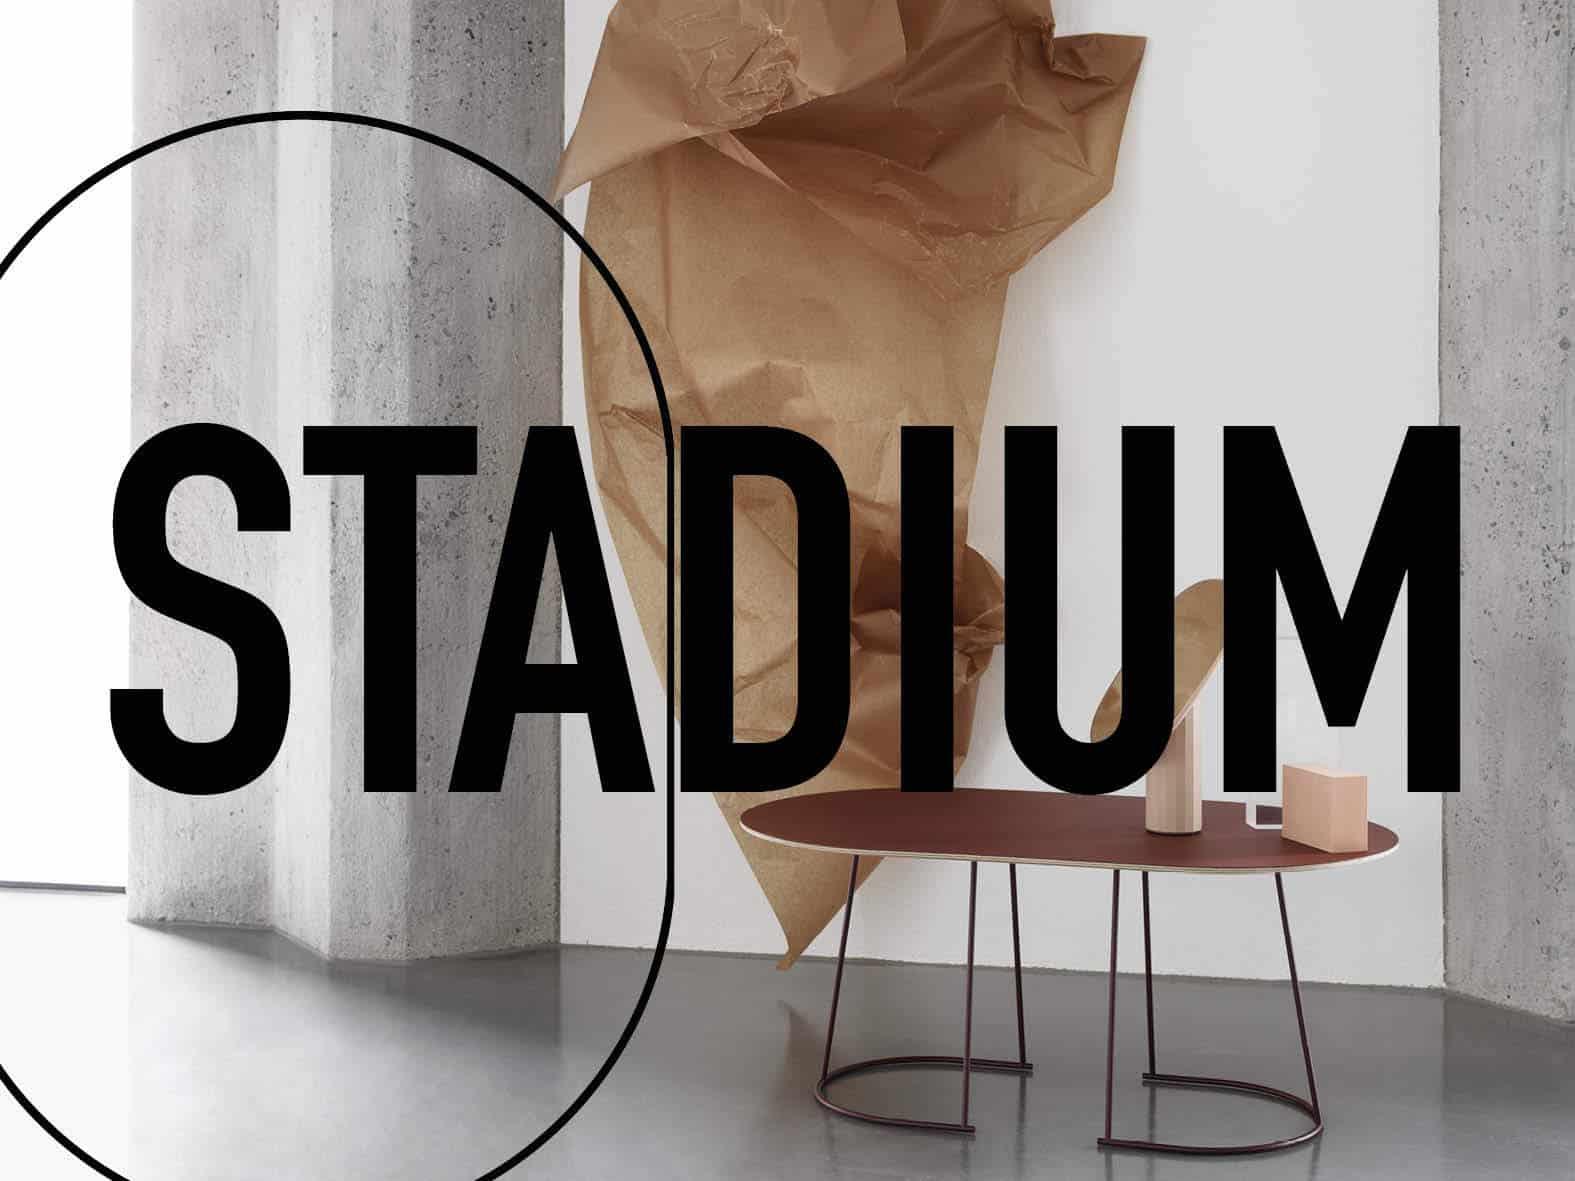 stadium trend 2018 interior design cerchio rettangolo